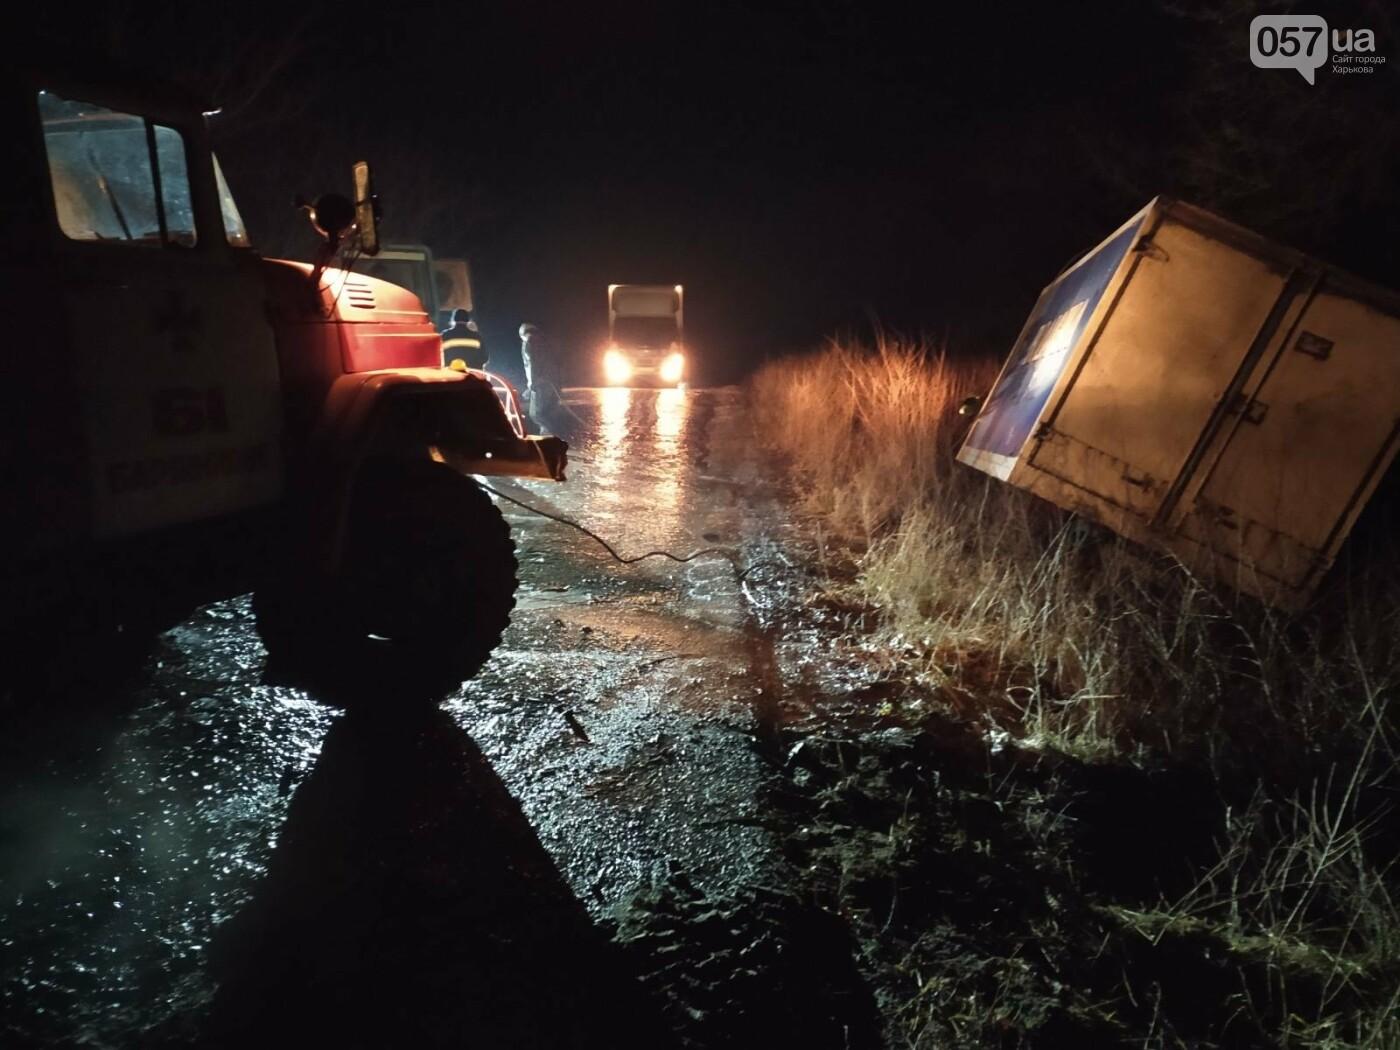 В Харьковской области из-за непогоды грузовик «слетел» в кювет: машину вытаскивали спасатели, - ФОТО, фото-1